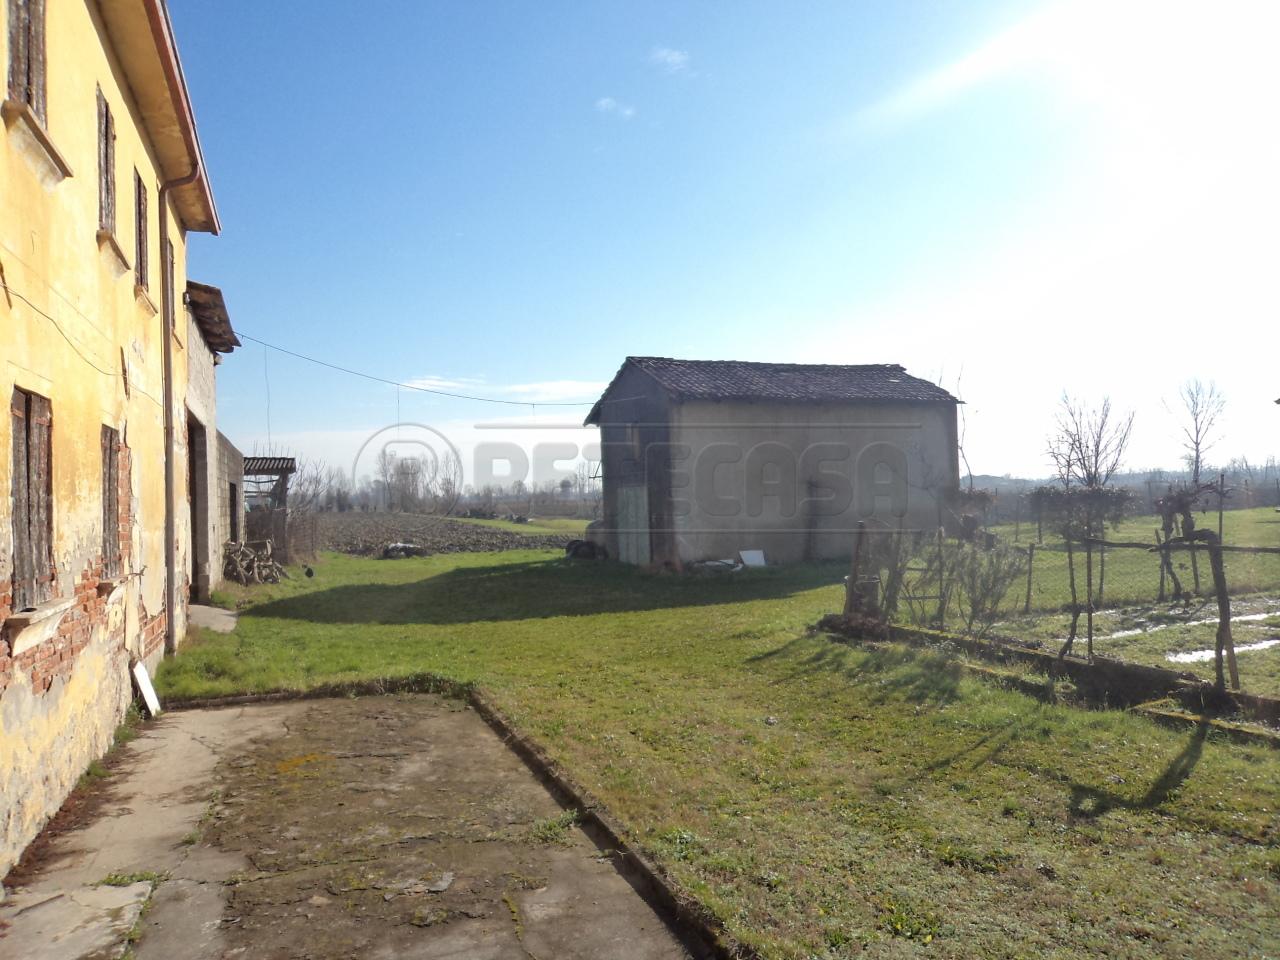 Rustico / Casale in vendita a Camposampiero, 9999 locali, prezzo € 140.000 | Cambio Casa.it